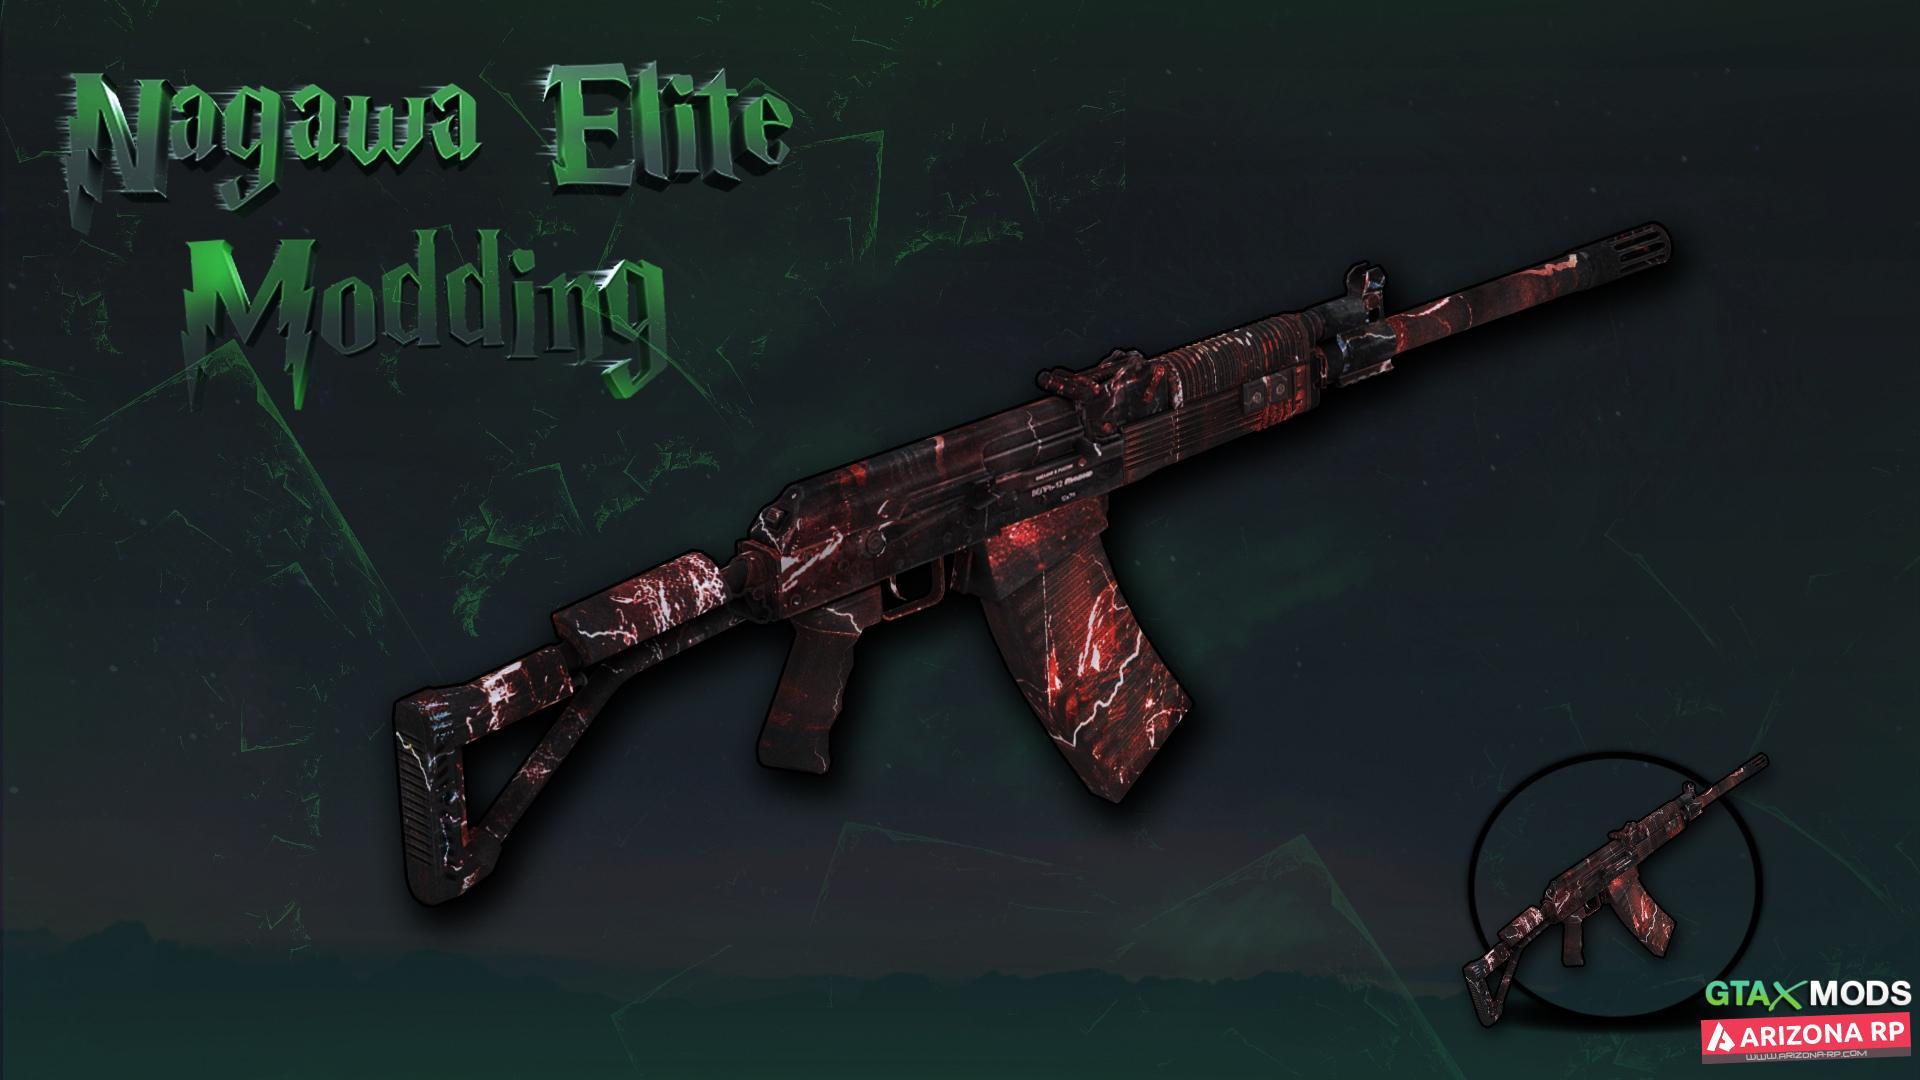 AK-47 *Metro* | Nagawa Elite Modding